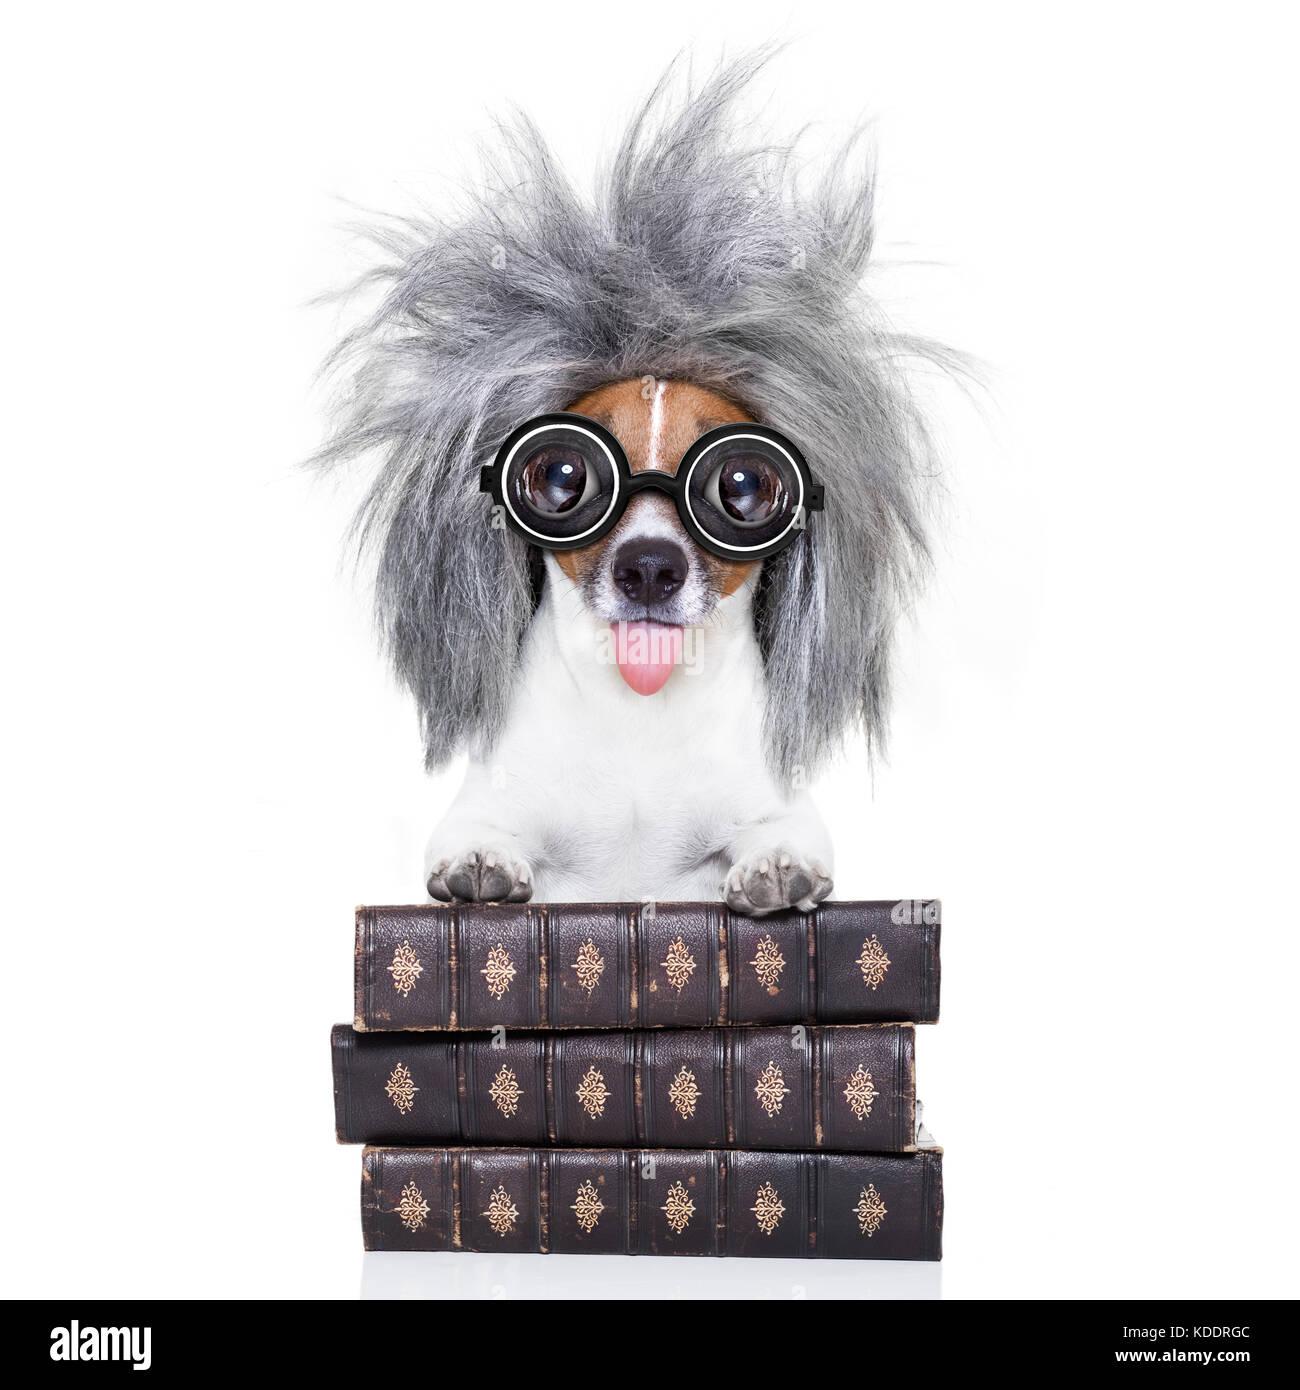 Smart ed intelligente di jack russell cane con occhiali nerd spuntavano  lingua indossando un capelli grigi a646b1a9b885